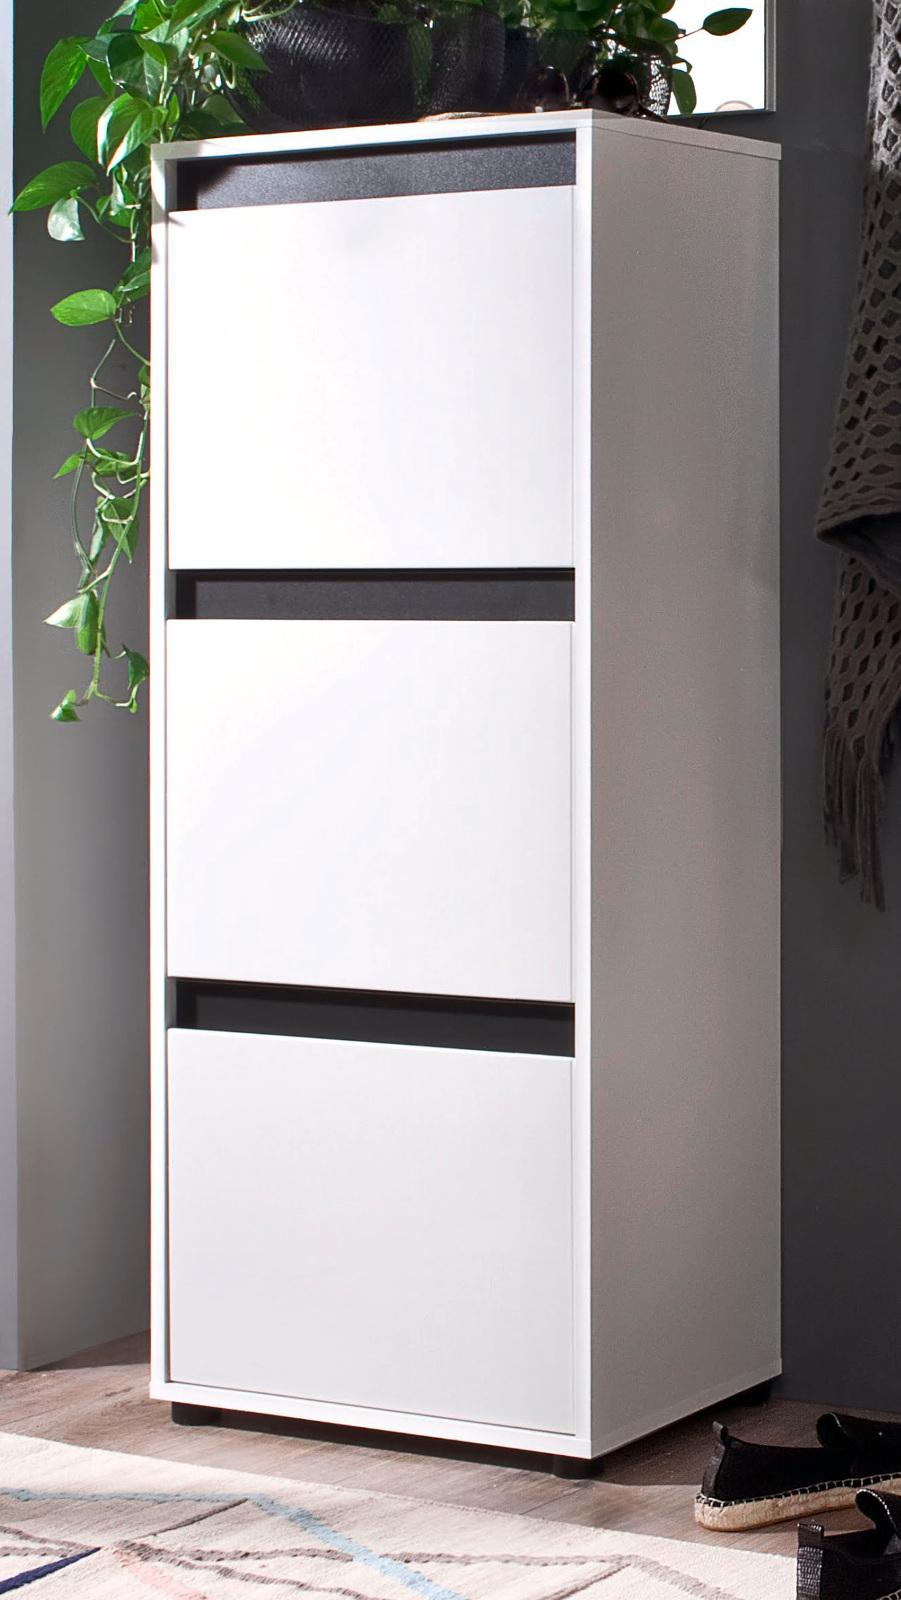 eleganter barhocker in vier farben barney designerm bel moderne m bel owl. Black Bedroom Furniture Sets. Home Design Ideas